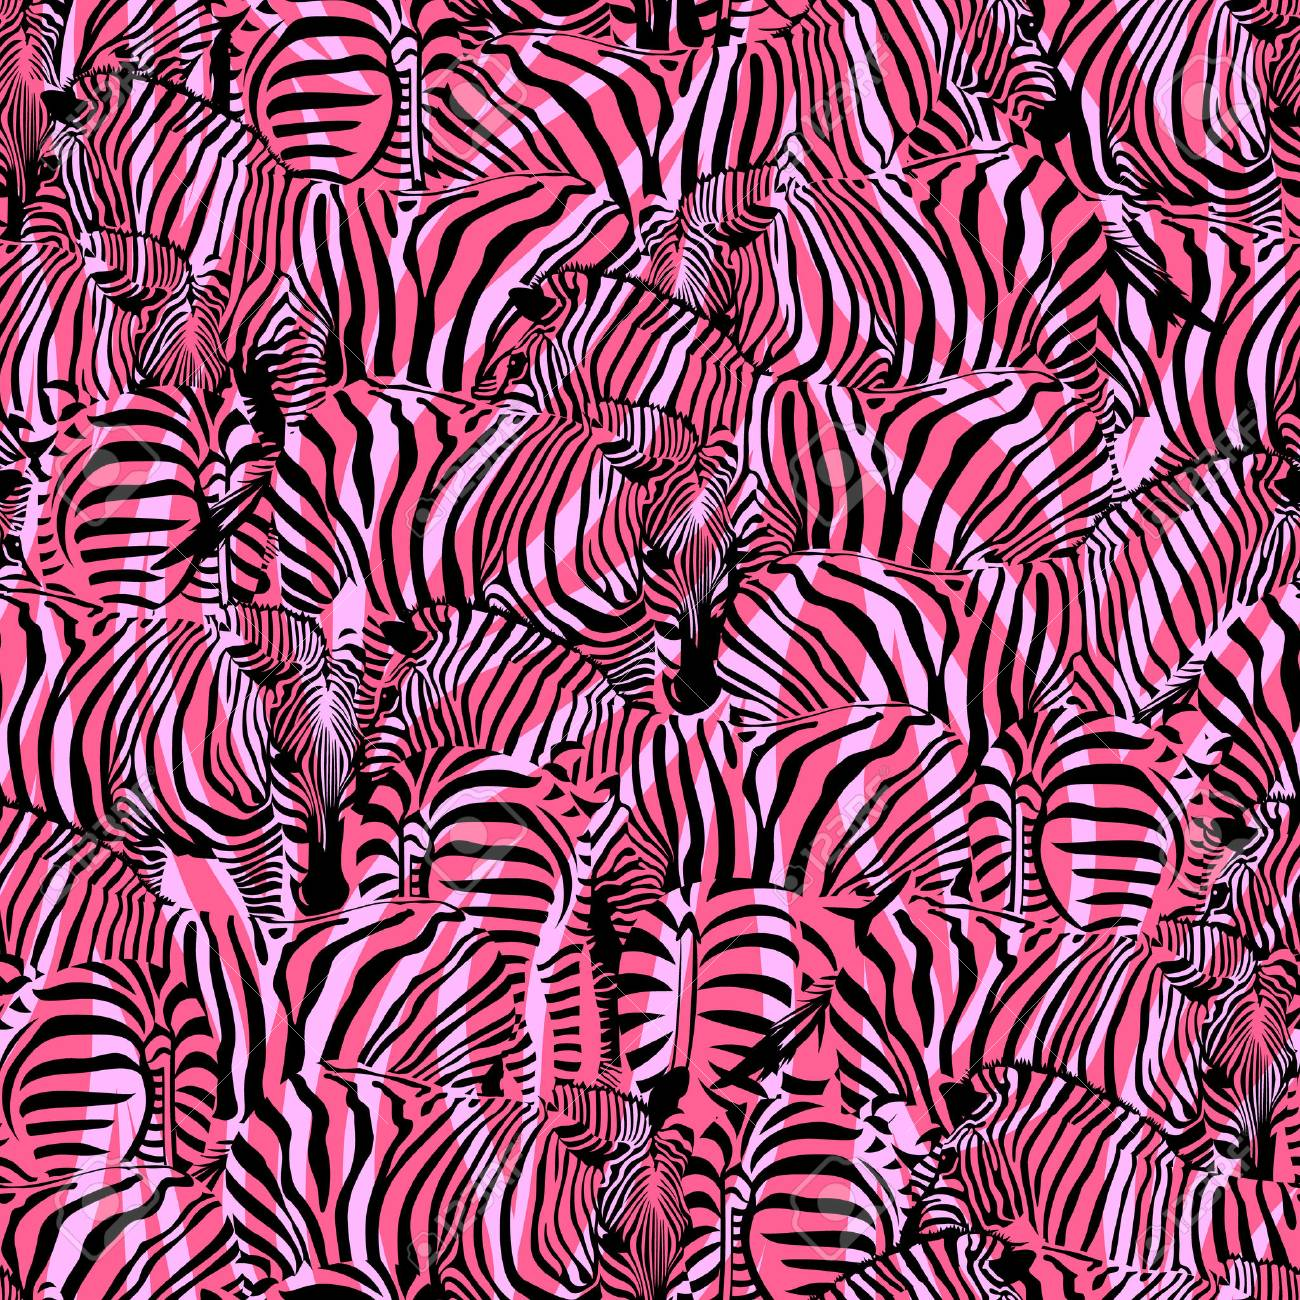 Vettoriale Zebra Con Sfondo Rosa Astratto Modello Senza Soluzione